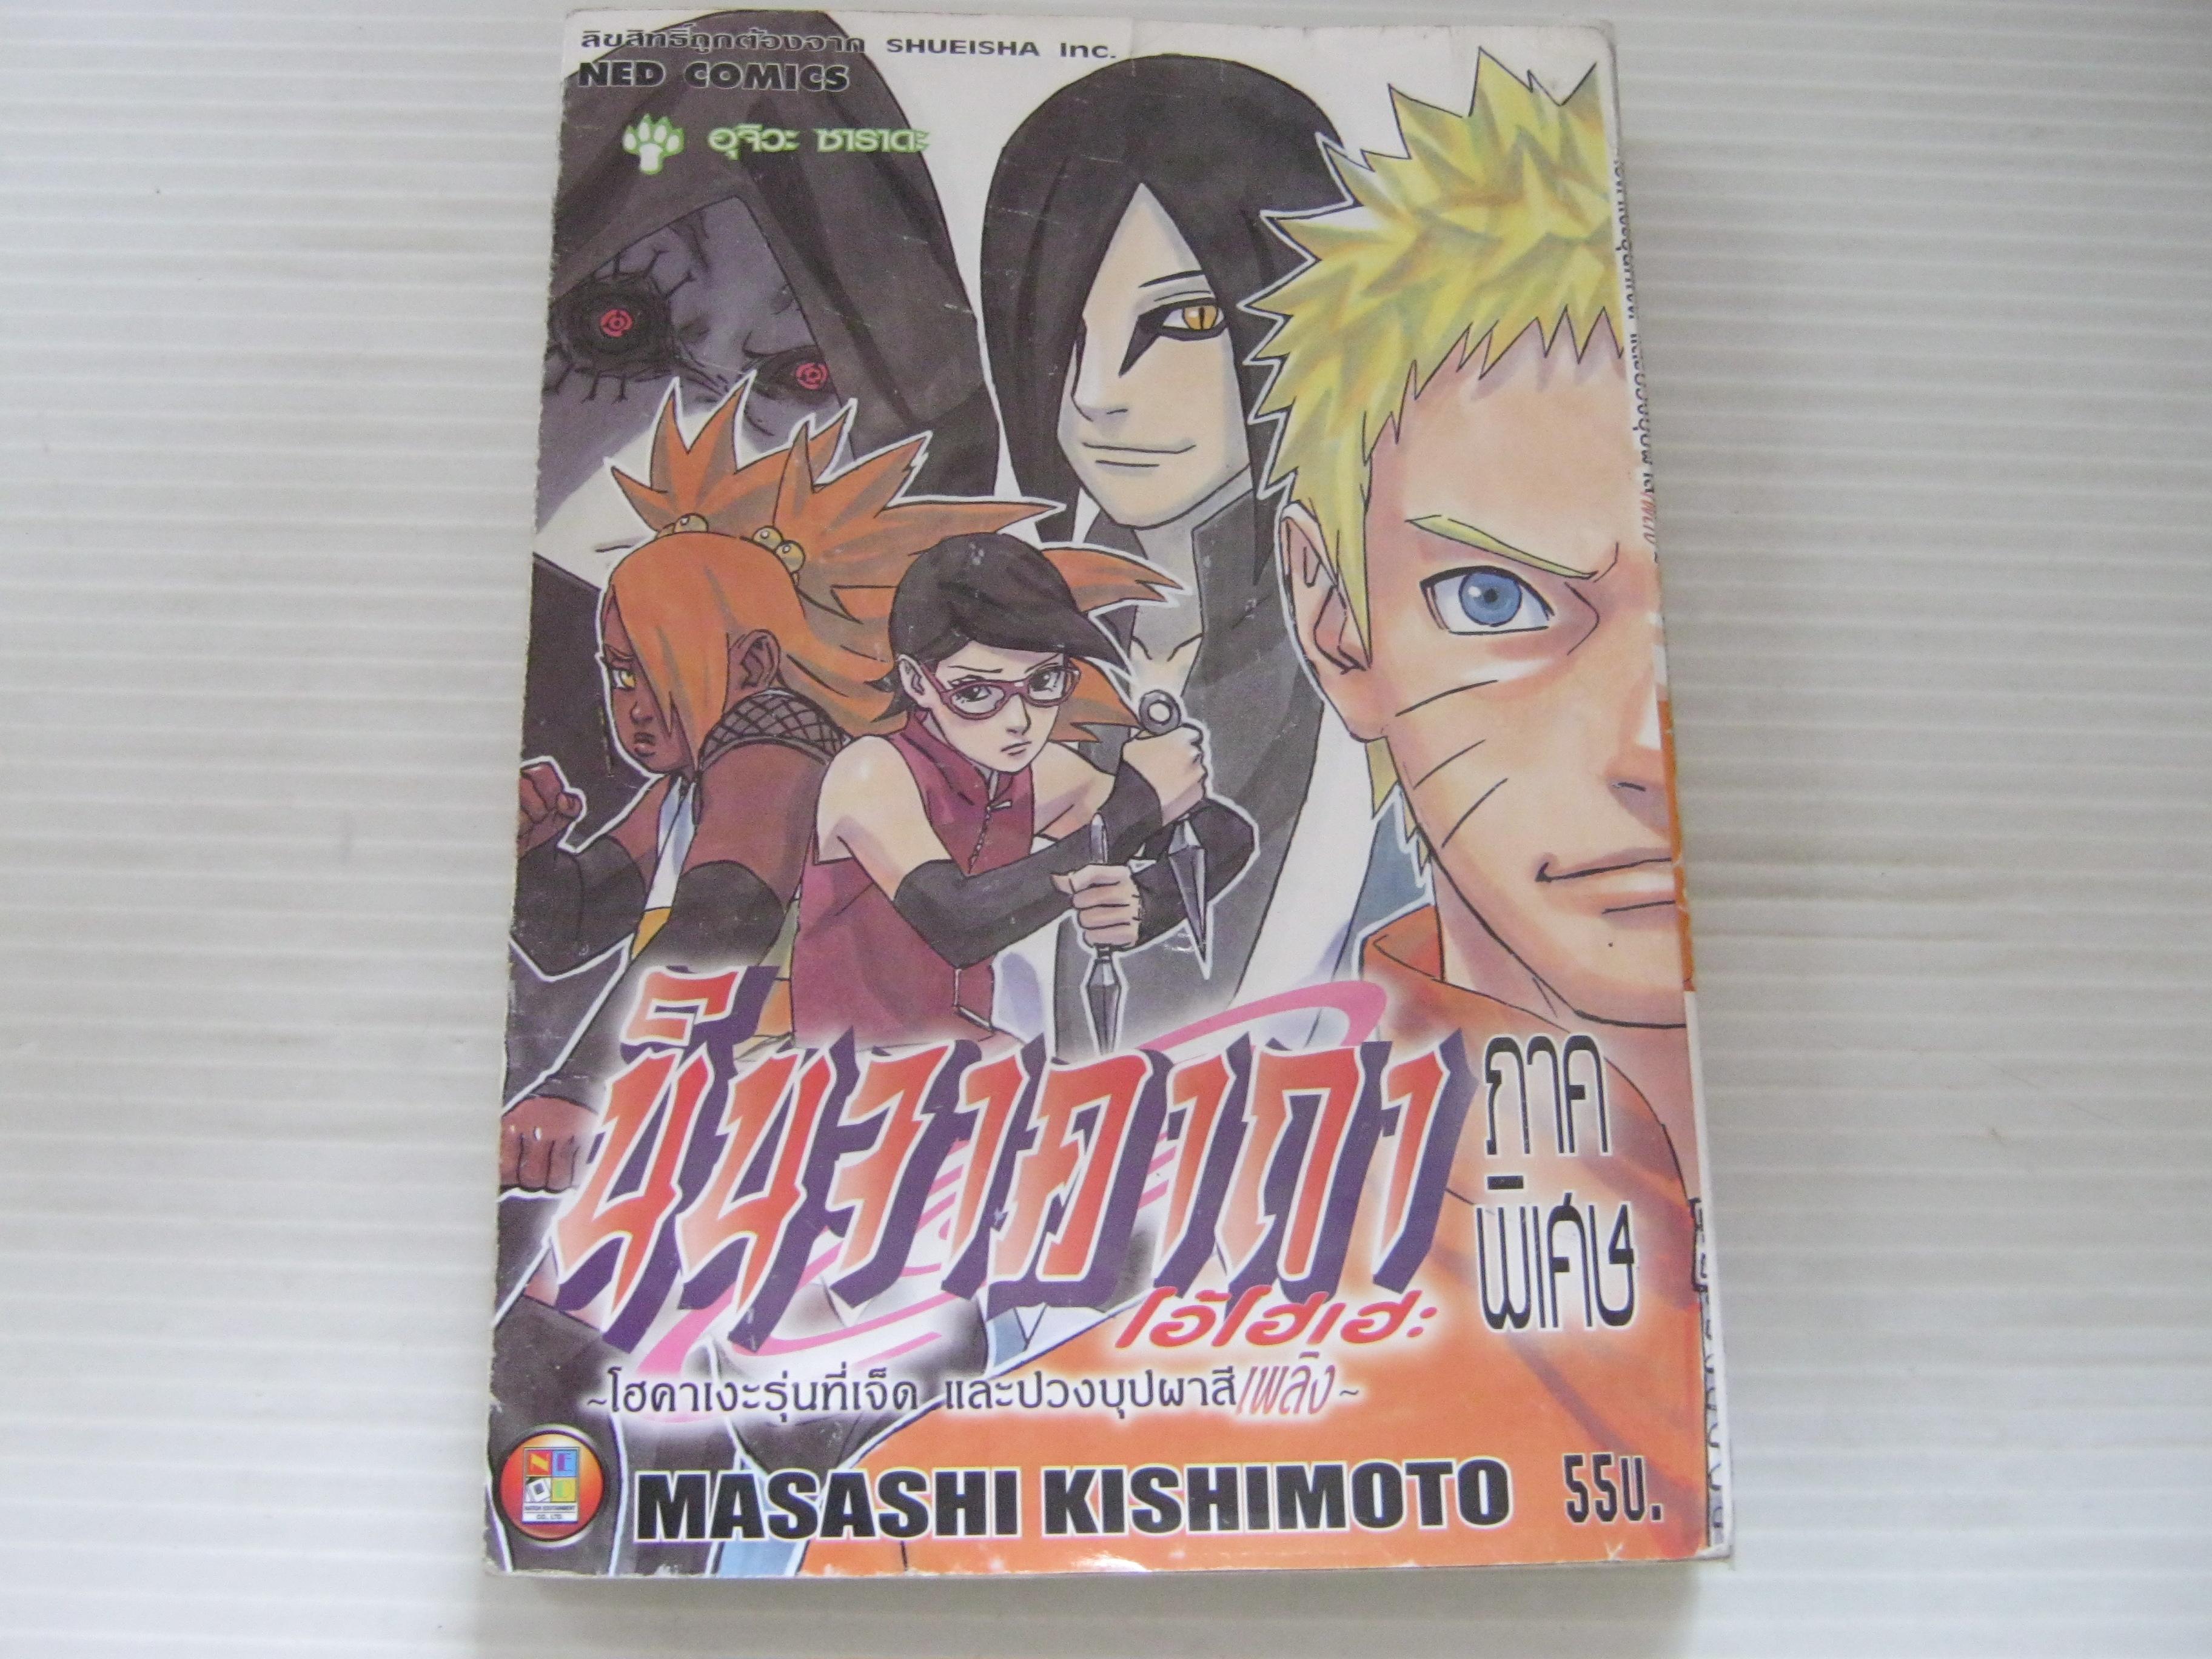 นินจาคาถา ภาคพิเศษ โฮคาเงะรุ่นที่เจ็ด และปวงบุปผาสีเพลิง Masashi Kishimoto เขียน